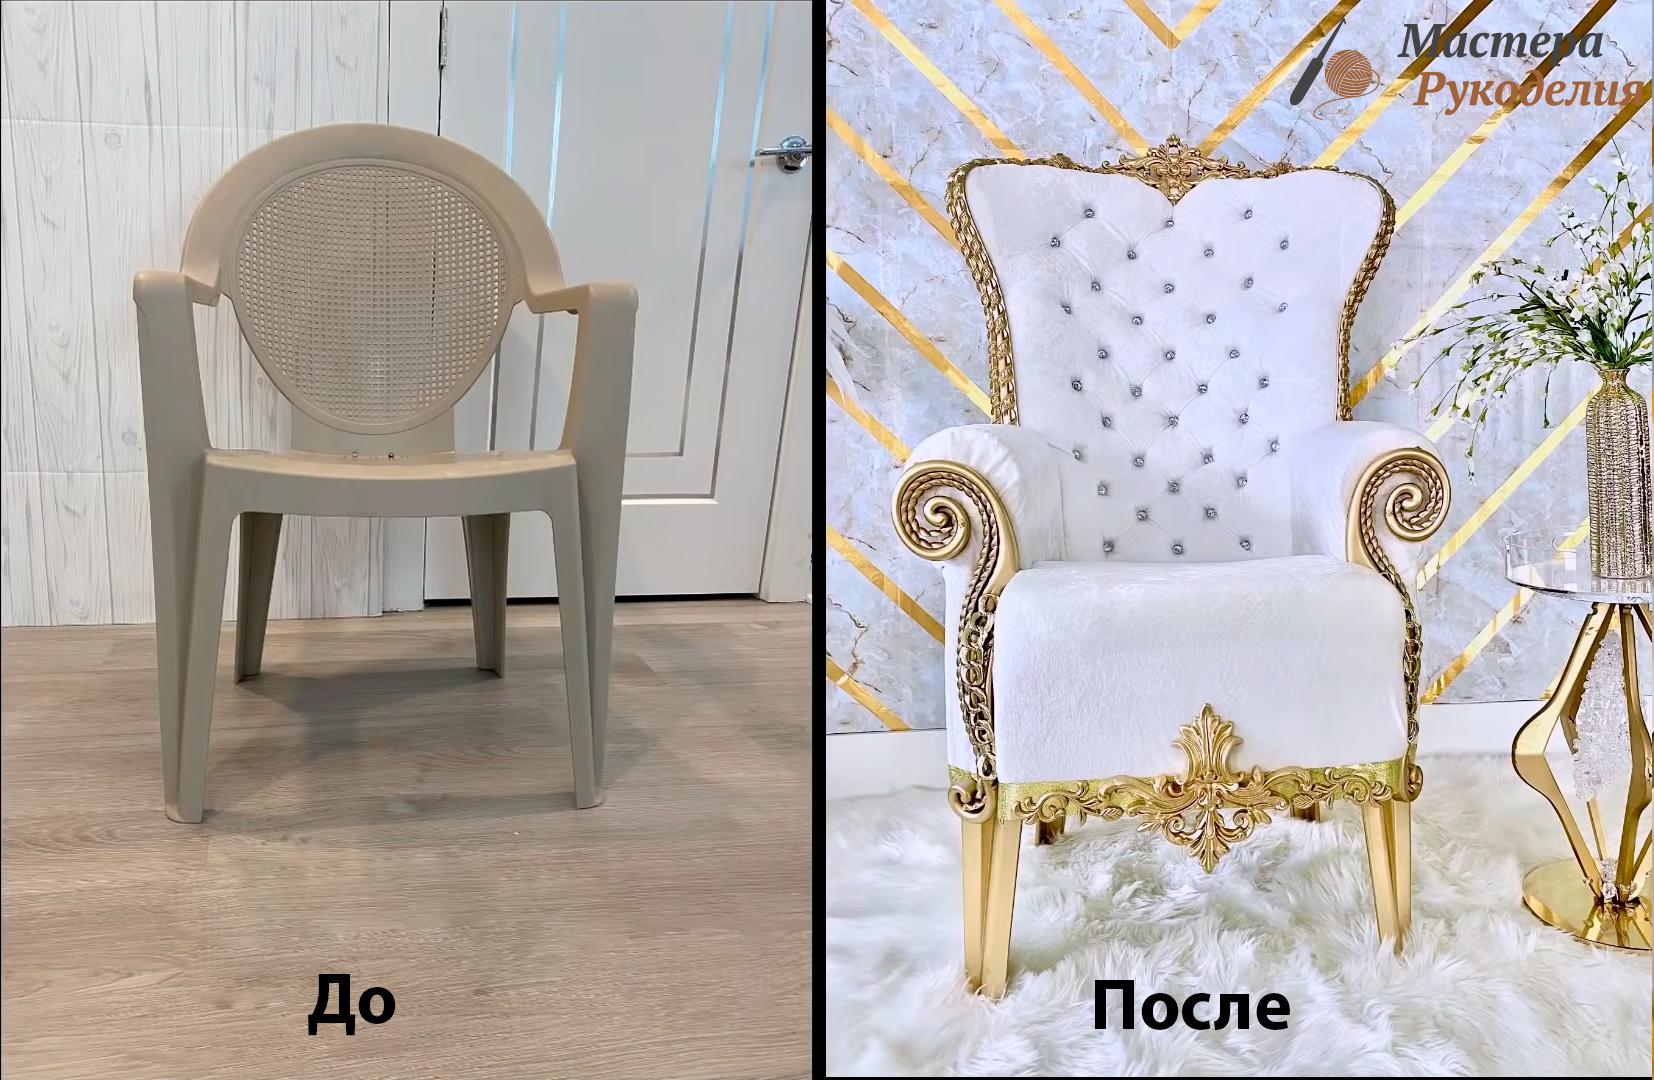 Превращаем пластиковый стул в царское кресло